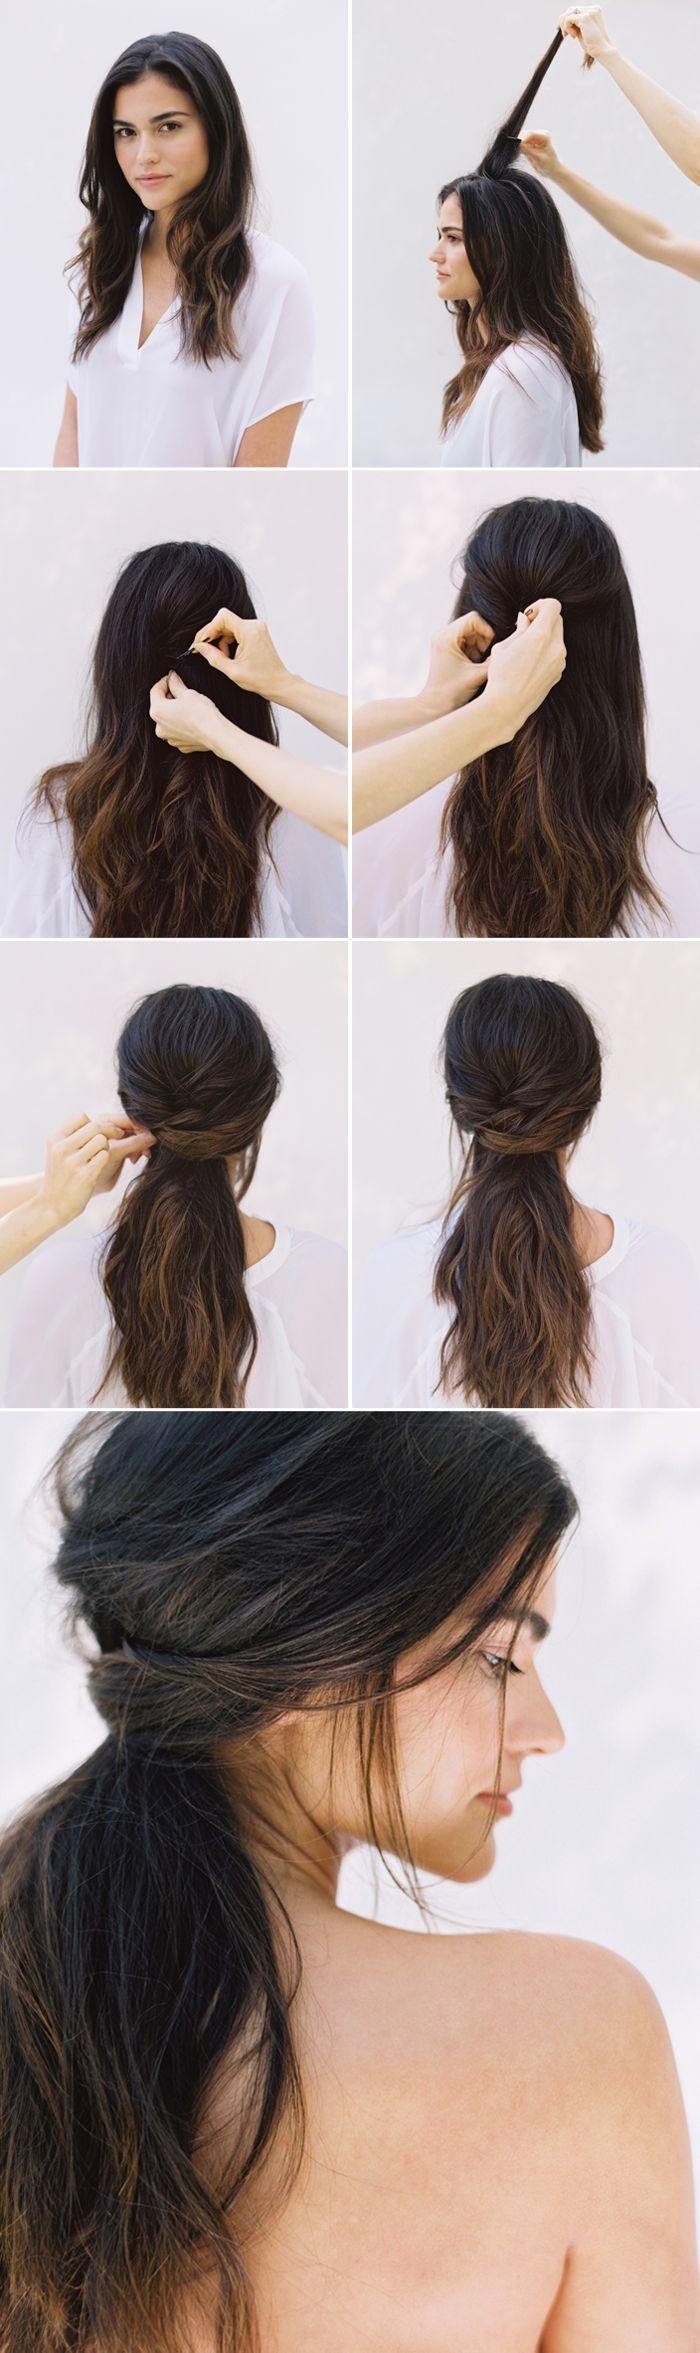 Tolle Diy Frisur Fur Dein Nachstes Fotoshooting Hair Haar